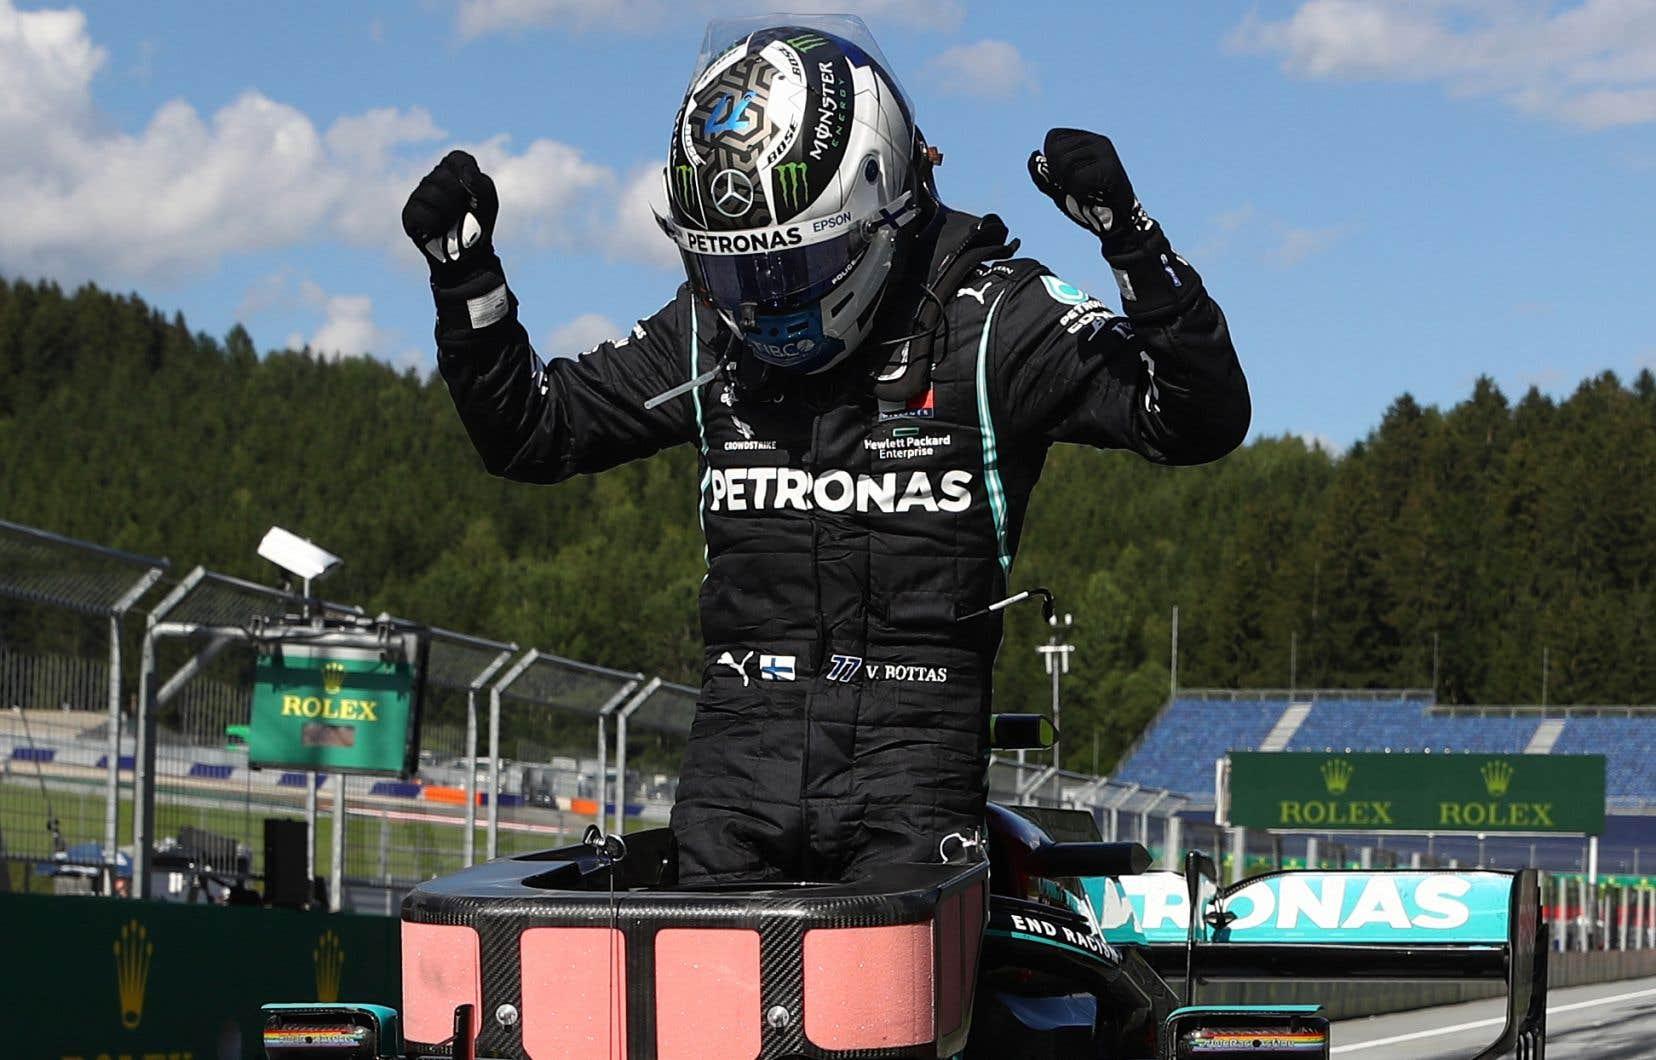 Les coureurs de l'écurie Mercedes, à laquelle appartient le vainqueur du Grand Prix Valtteri Bottas, arborent cette saison des combinaisons noires en guise de soutien à la lutte contre le racisme.